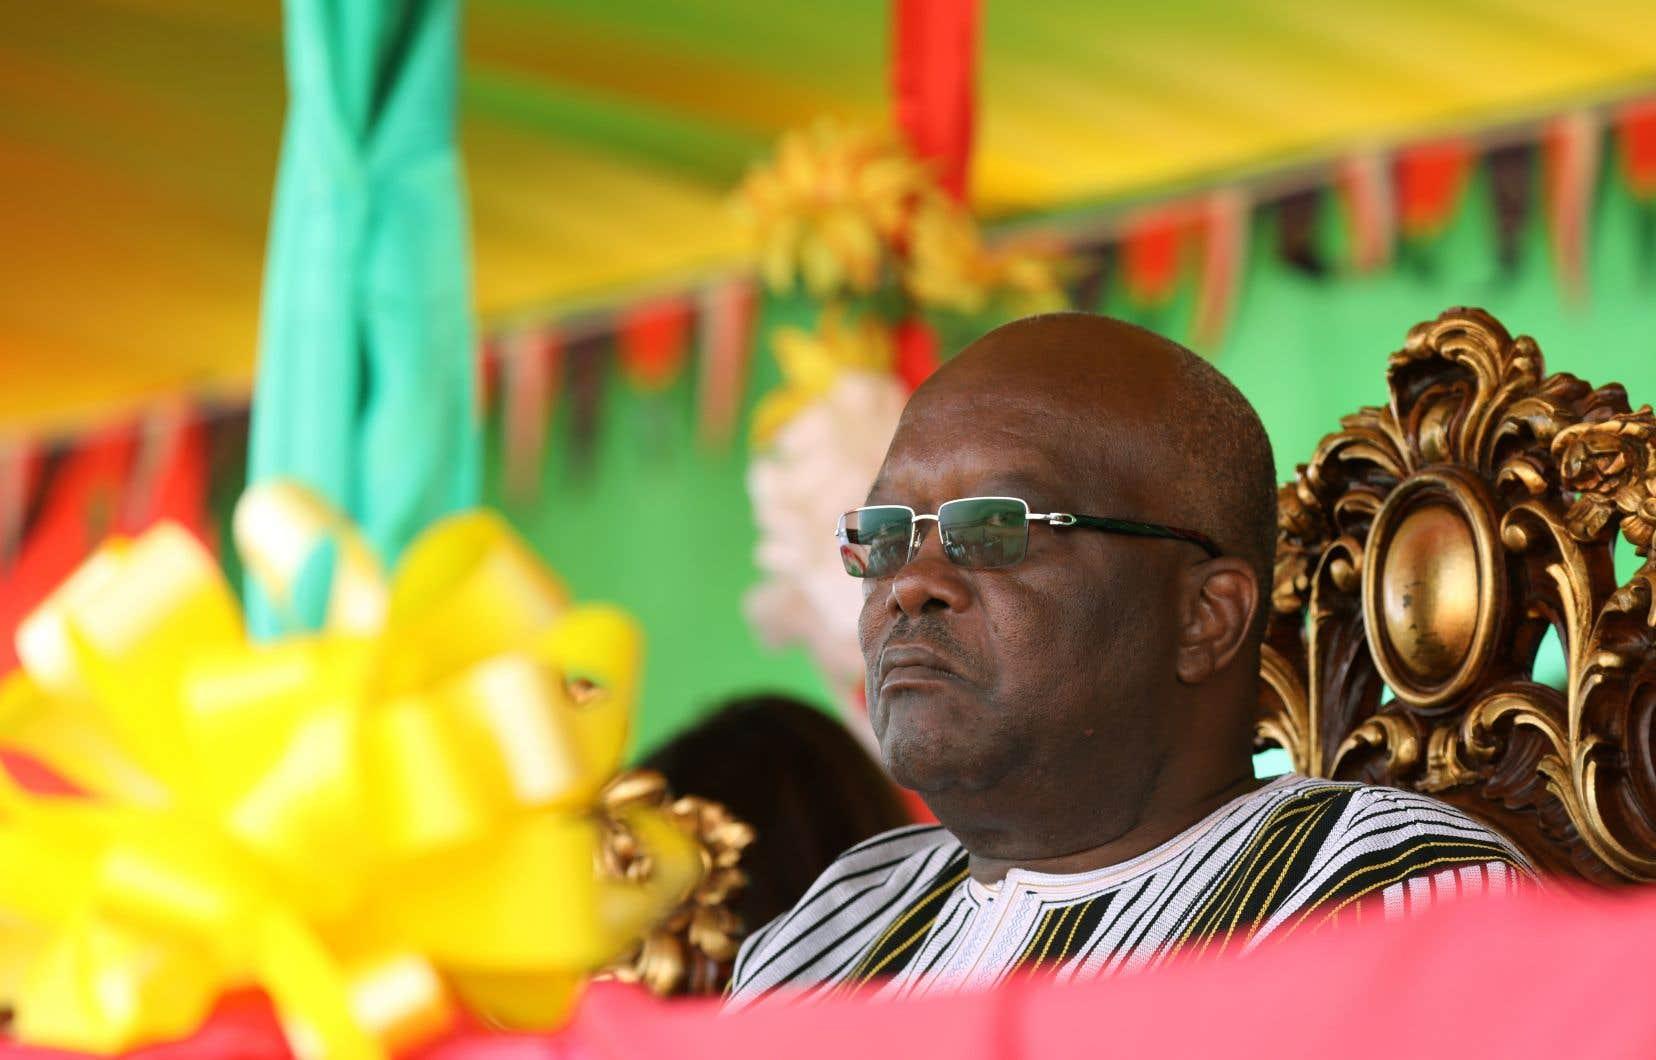 Le président burkinabé,Roch Marc Christian Kaboré,avait promis une nouvelle constitutionlors de la campagne électorale.